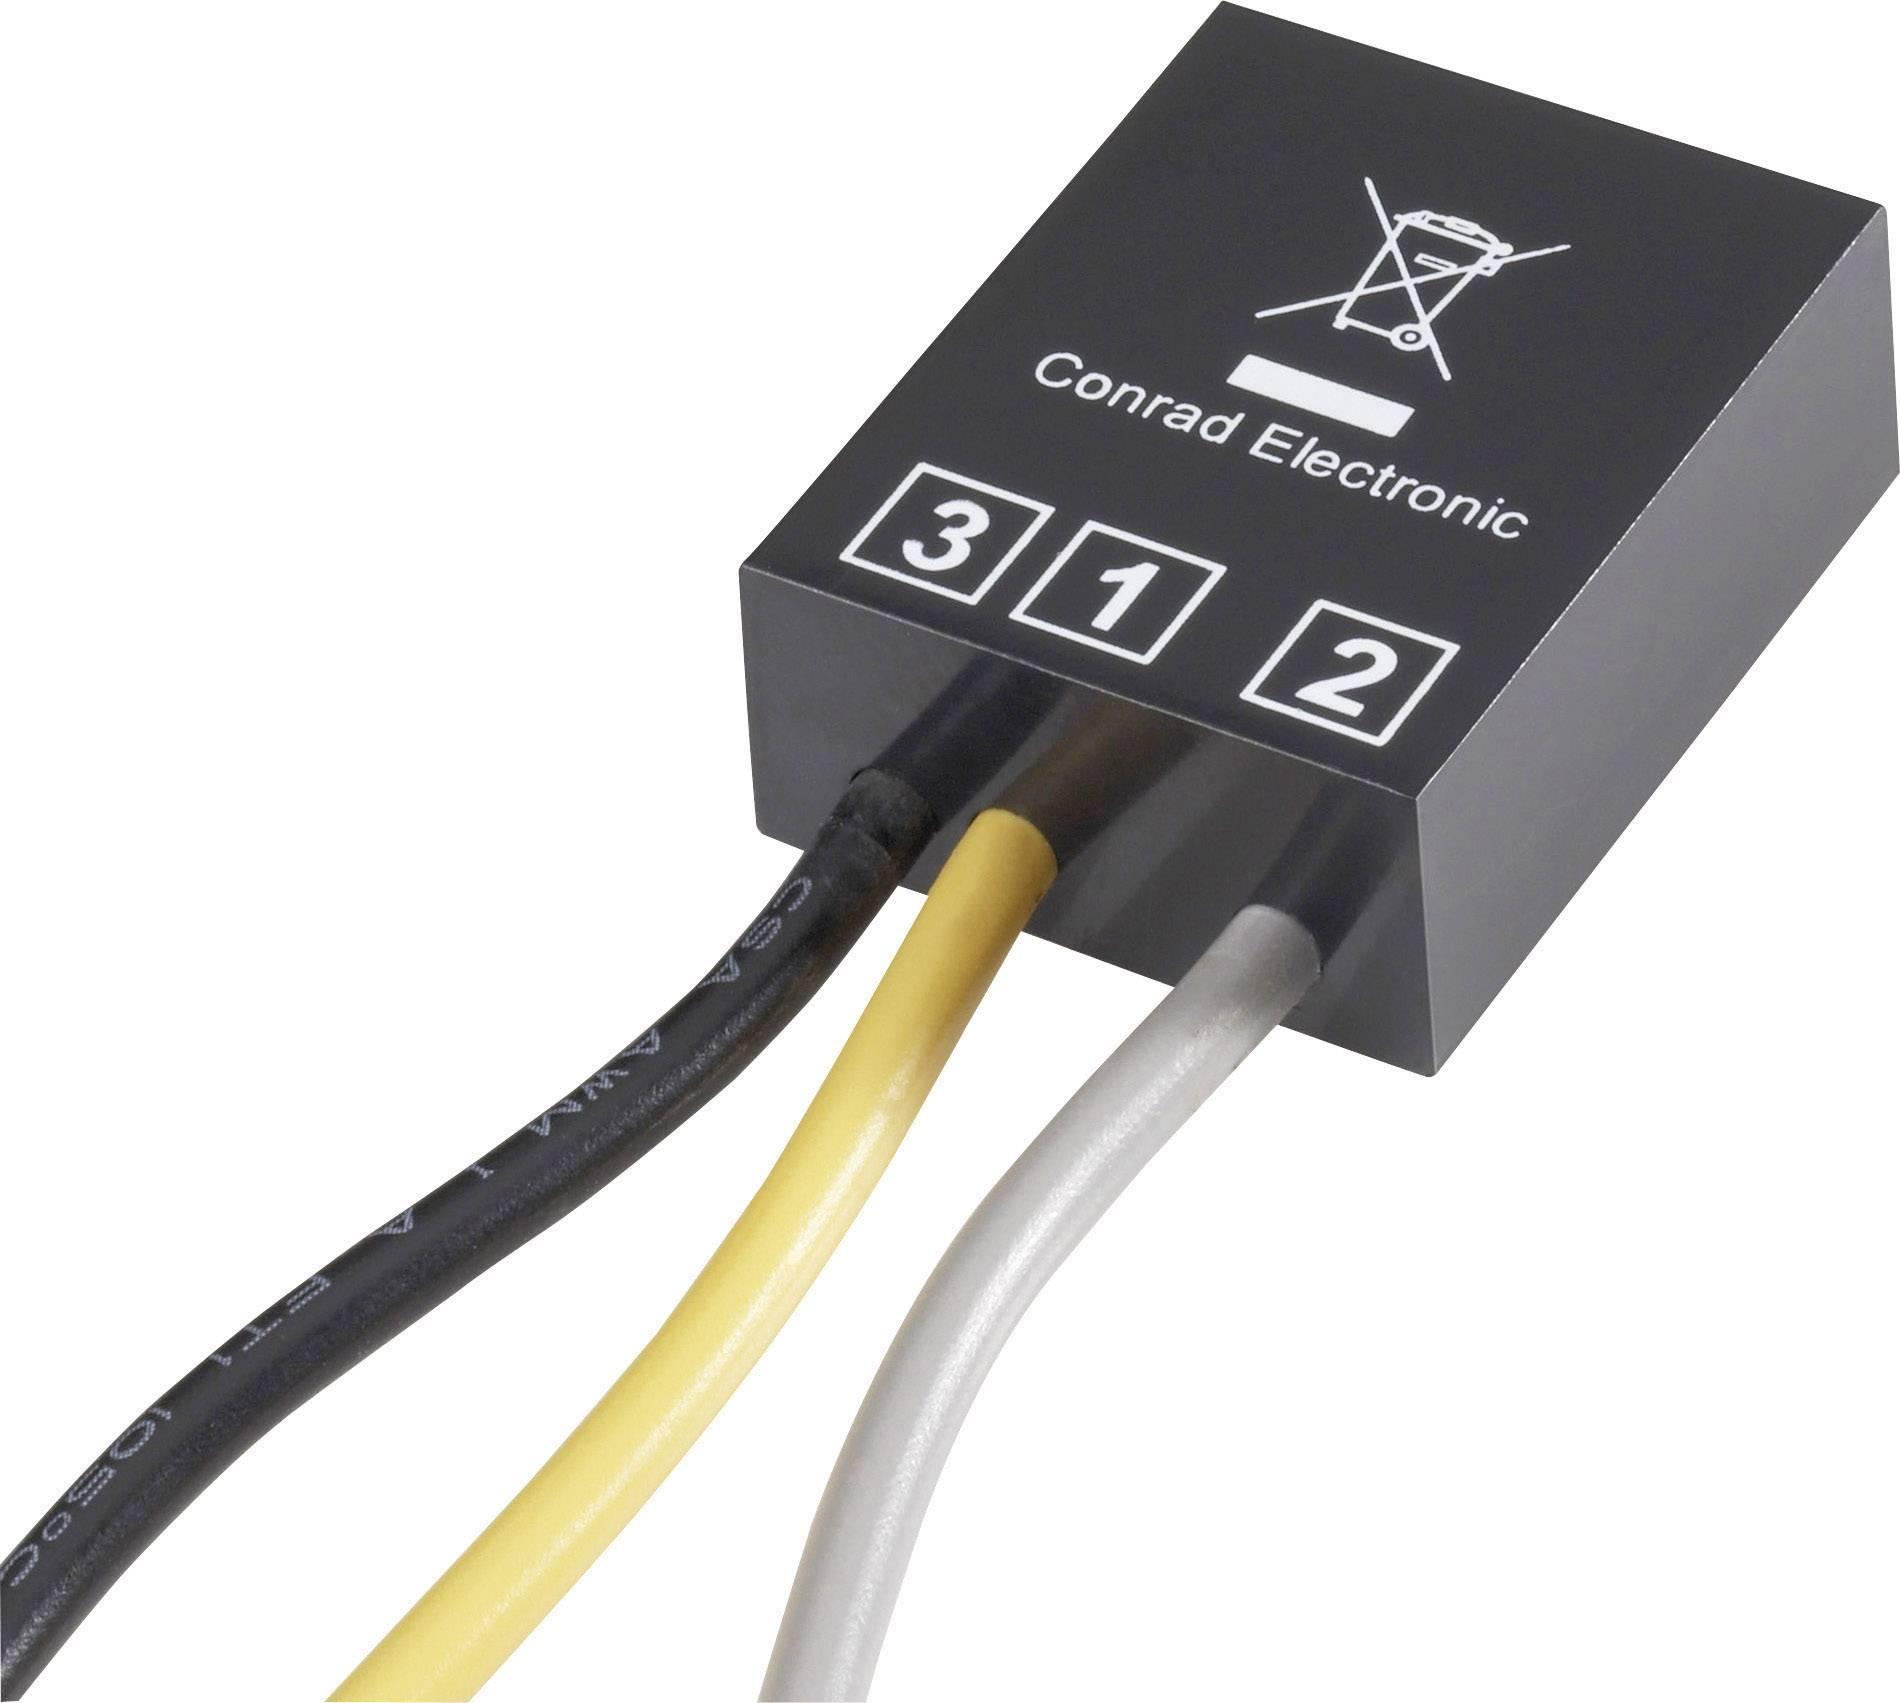 Regulátor otáček a výkonu triak, 230 V/50 Hz